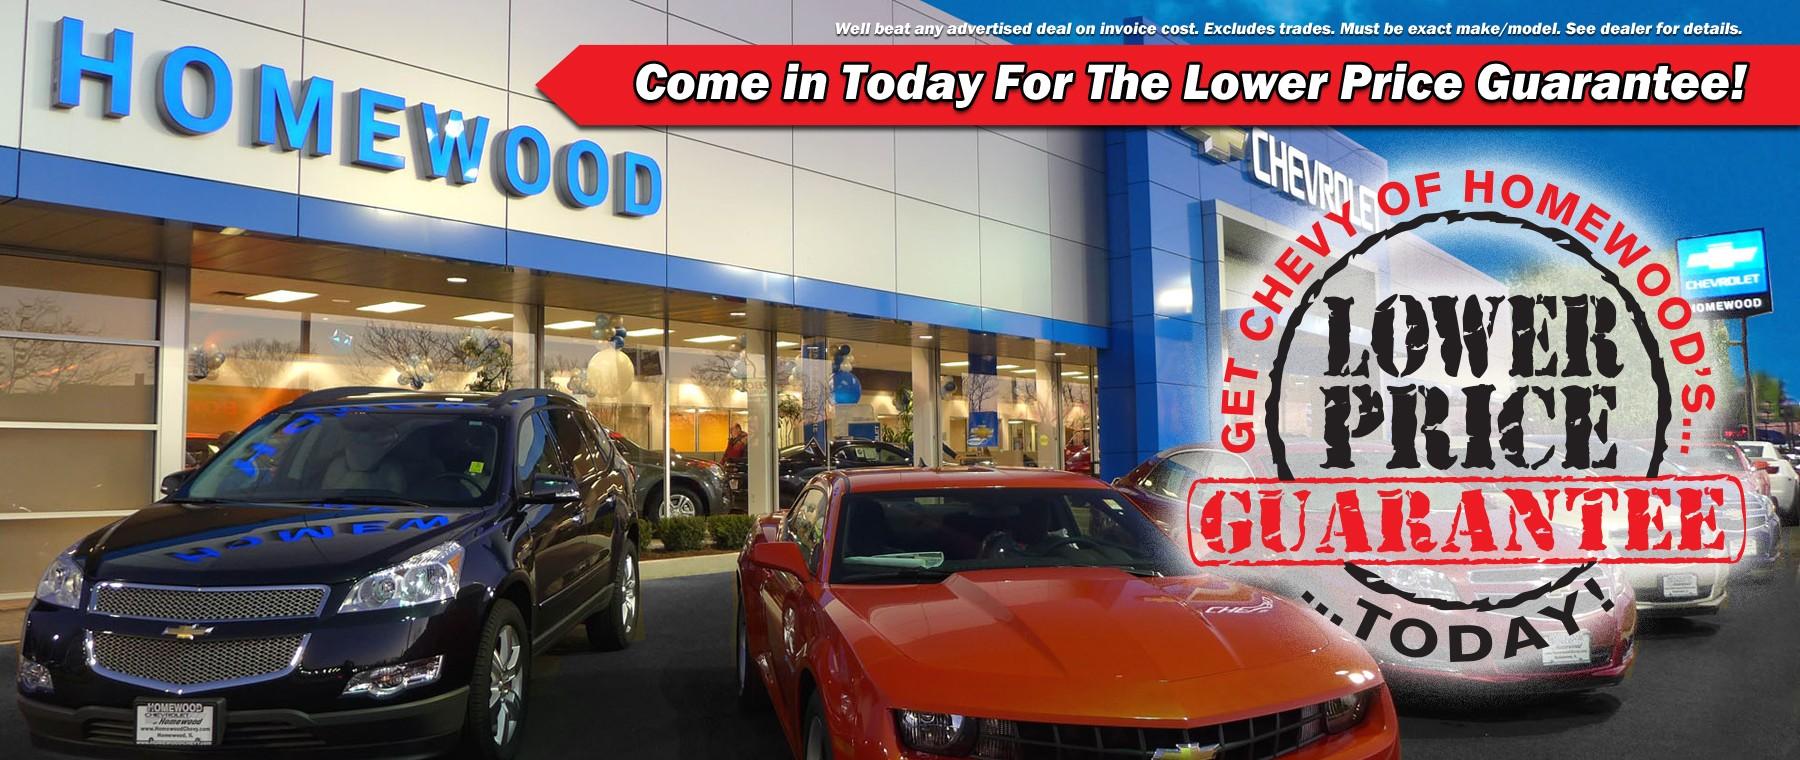 Chevrolet-of-Homewood-Slider_alt-(1)